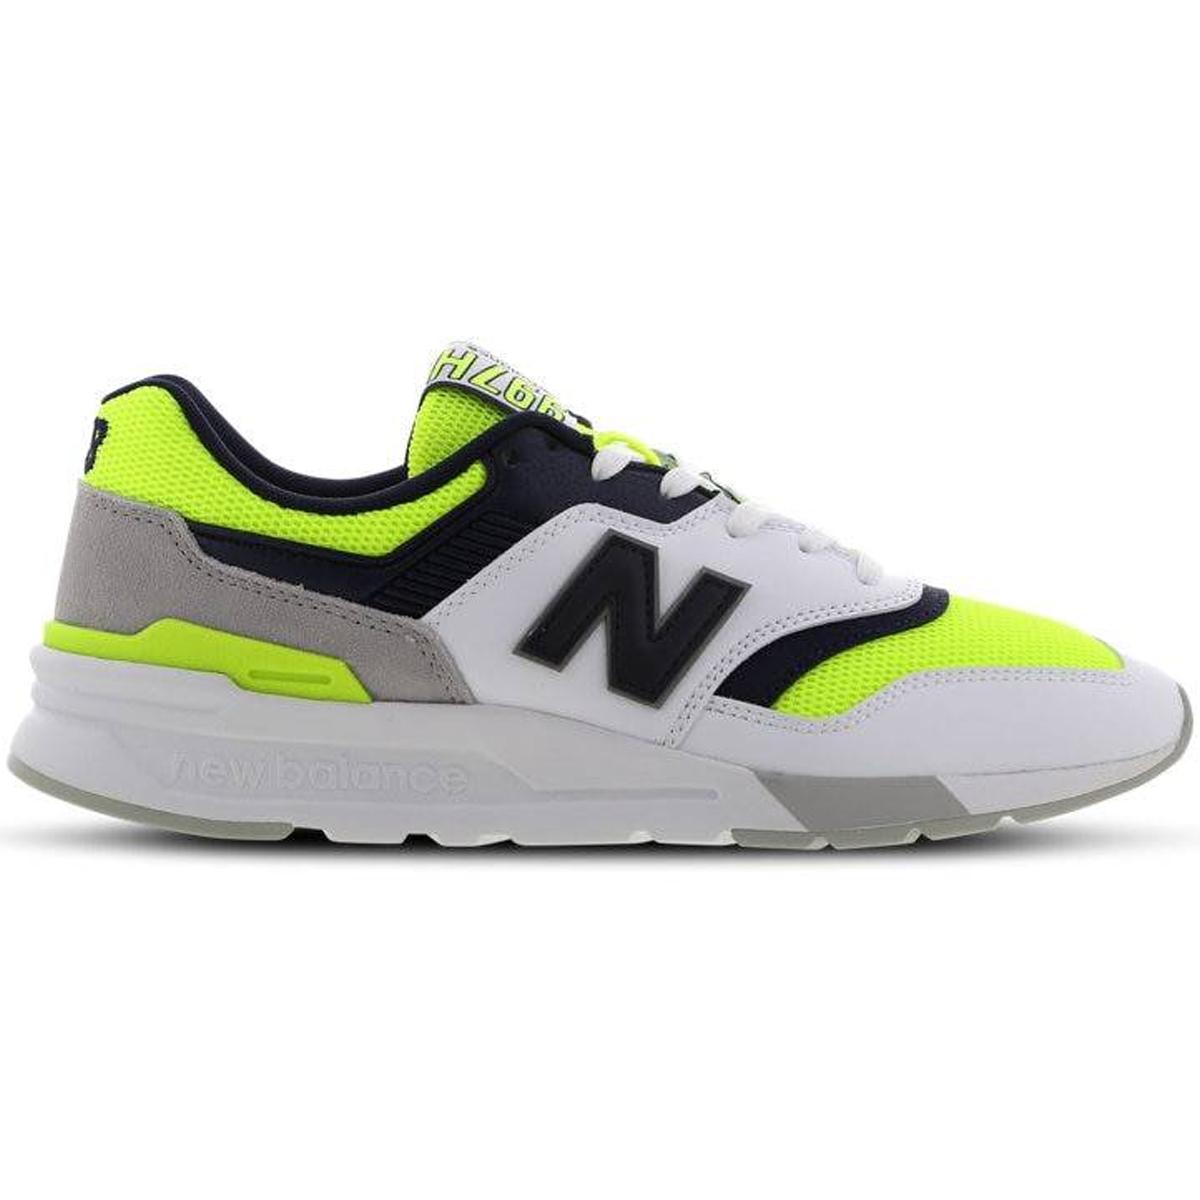 new balance 997 nz